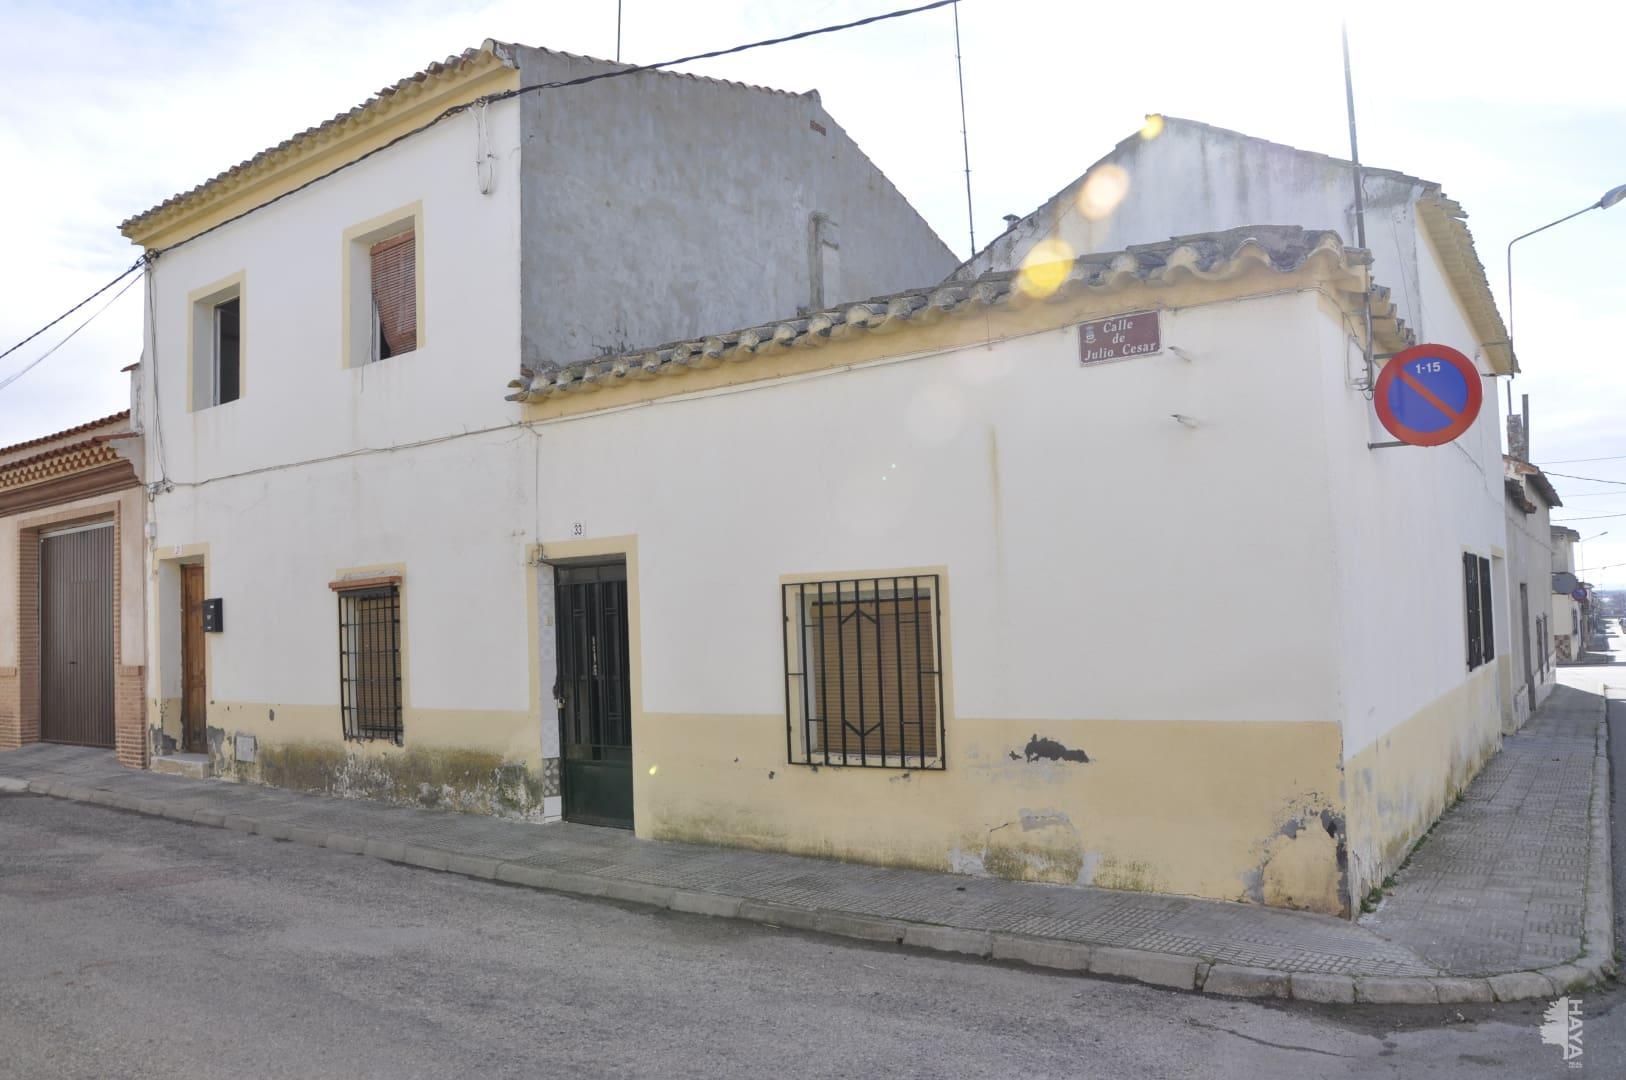 Casa en venta en Villarrobledo, Villarrobledo, Albacete, Calle Julio Cesar, 50.085 €, 9 habitaciones, 2 baños, 271 m2